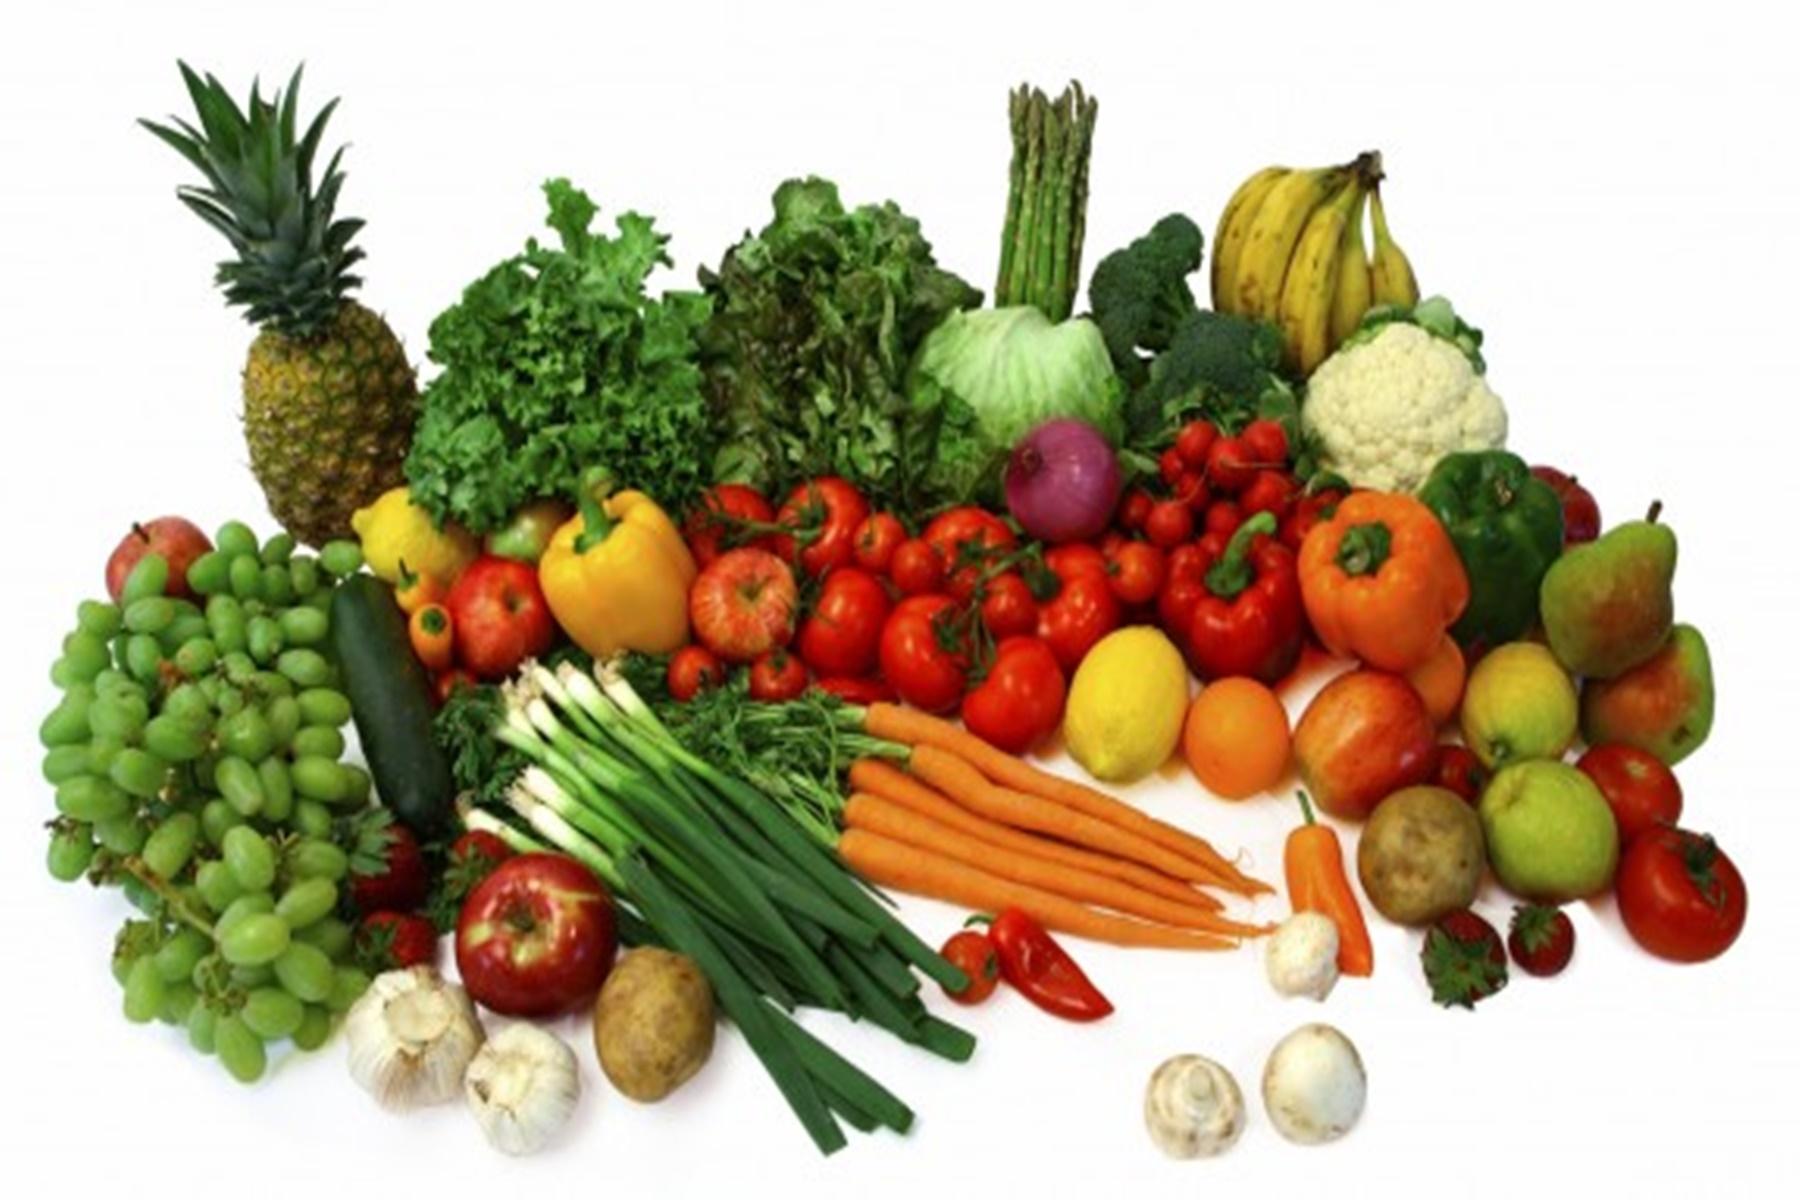 Μεσογειακή διατροφή: Αύξηση του προδόκιμου ζωής